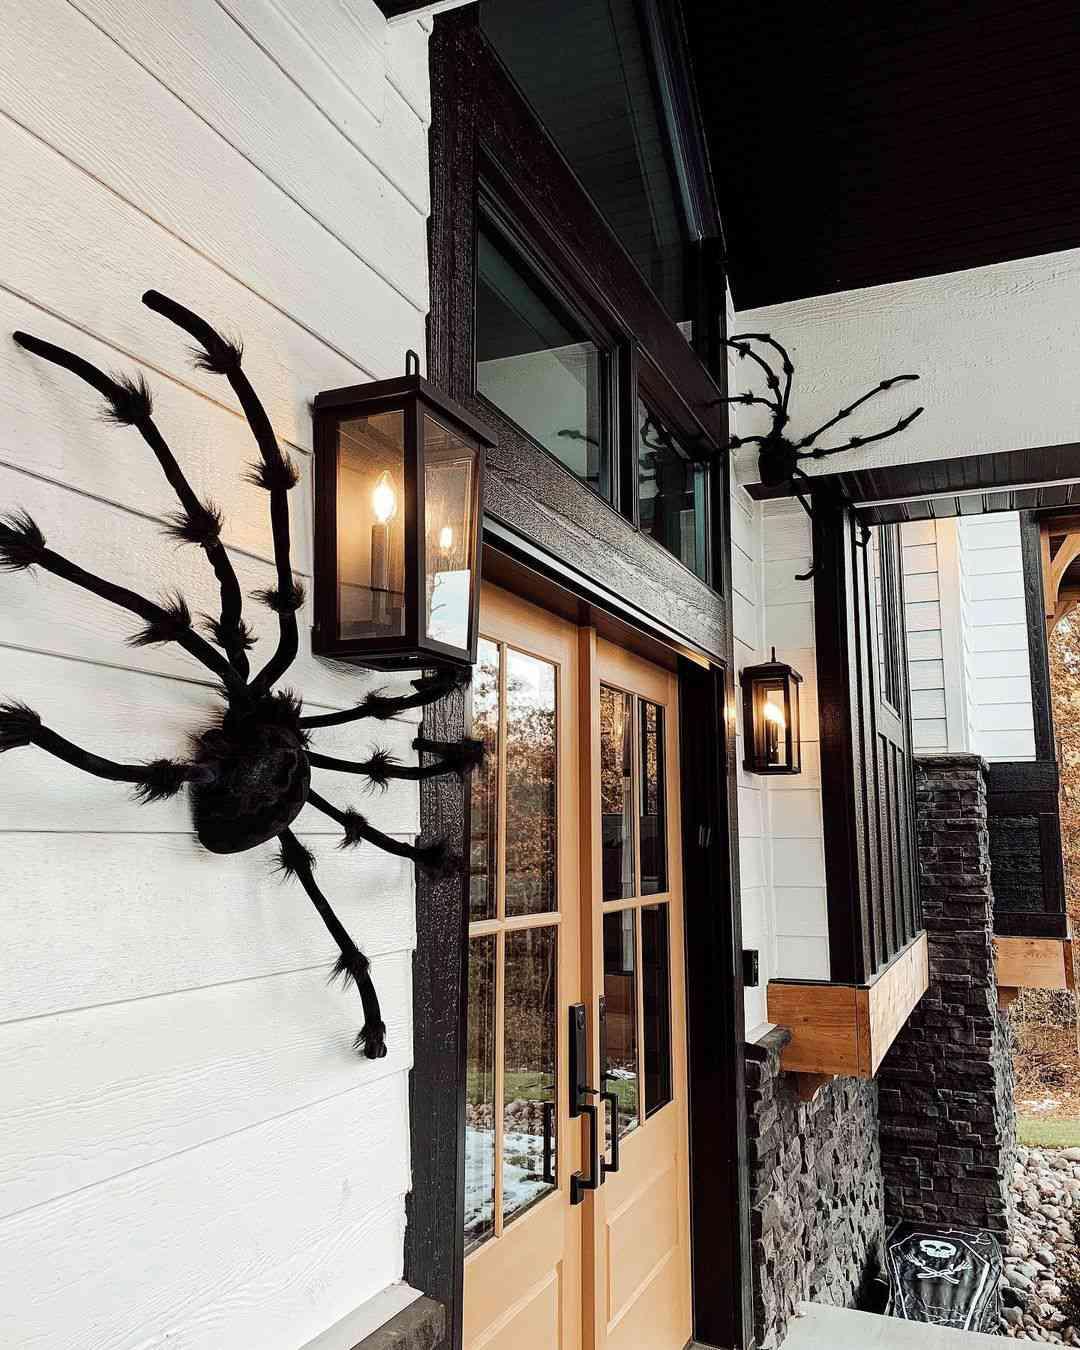 Large spiders on door